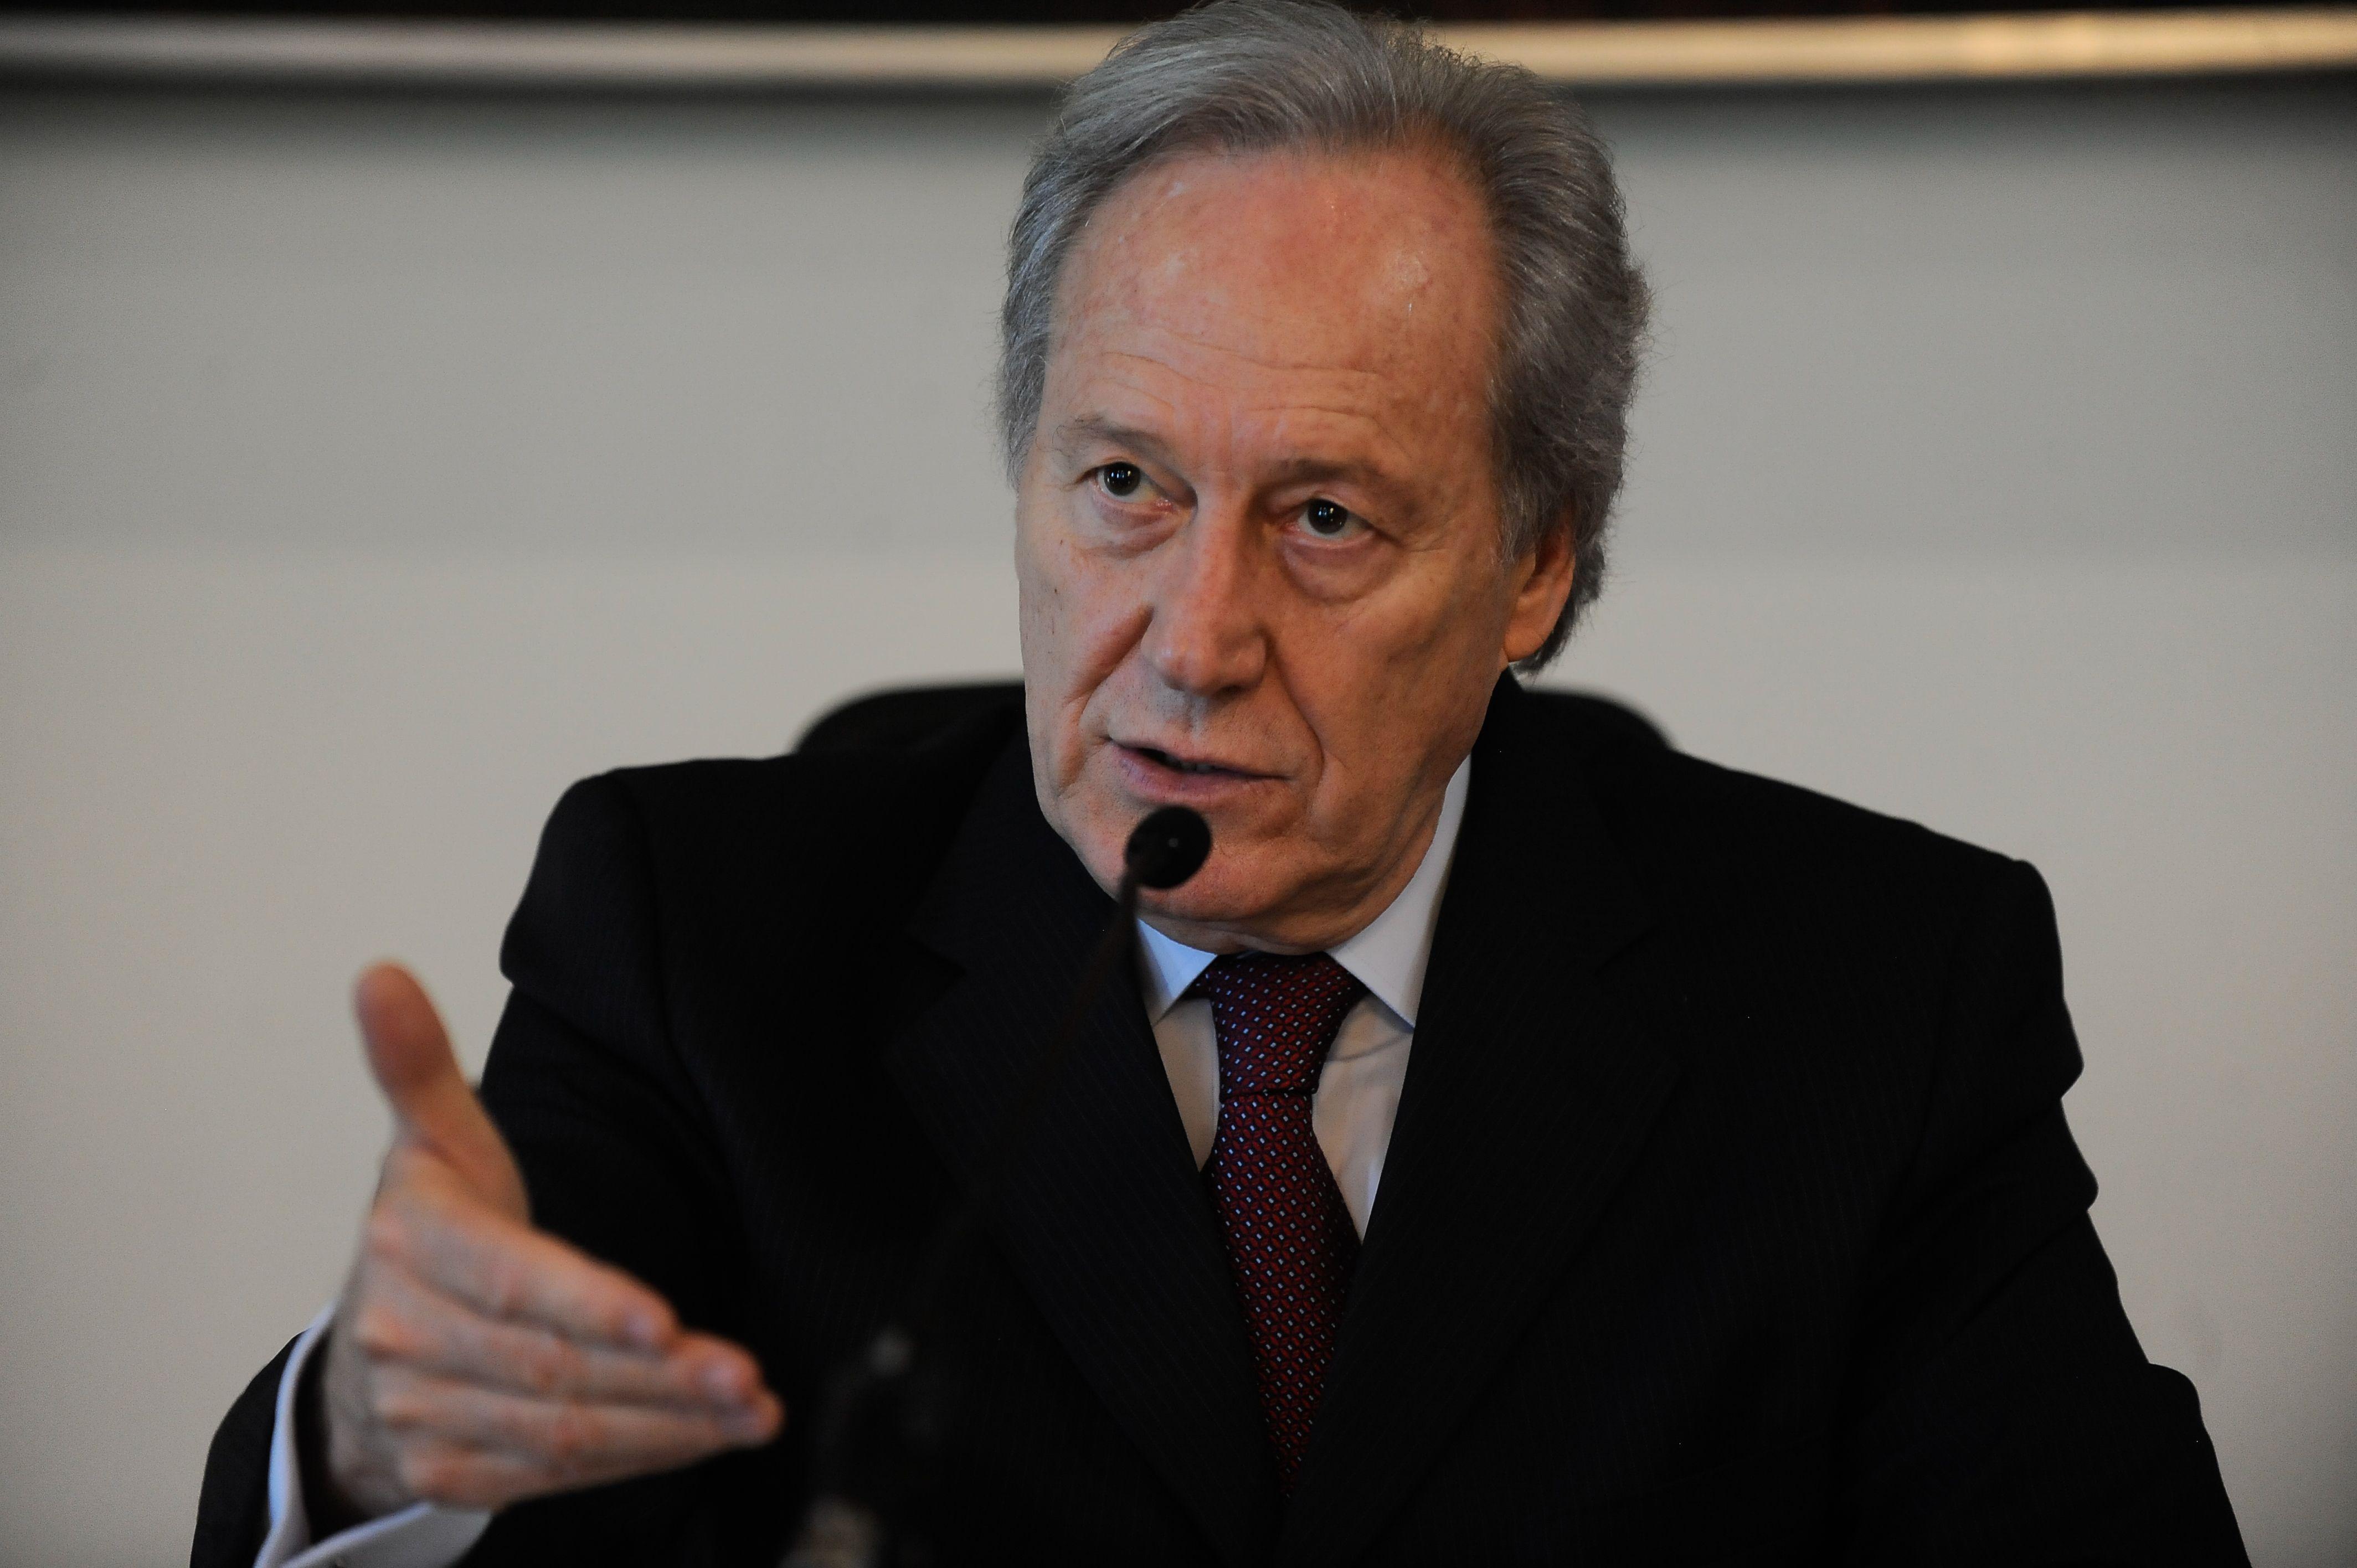 Lewandowski diz que STF cumprirá suas funções e não faltará aos cidadãos brasileiros